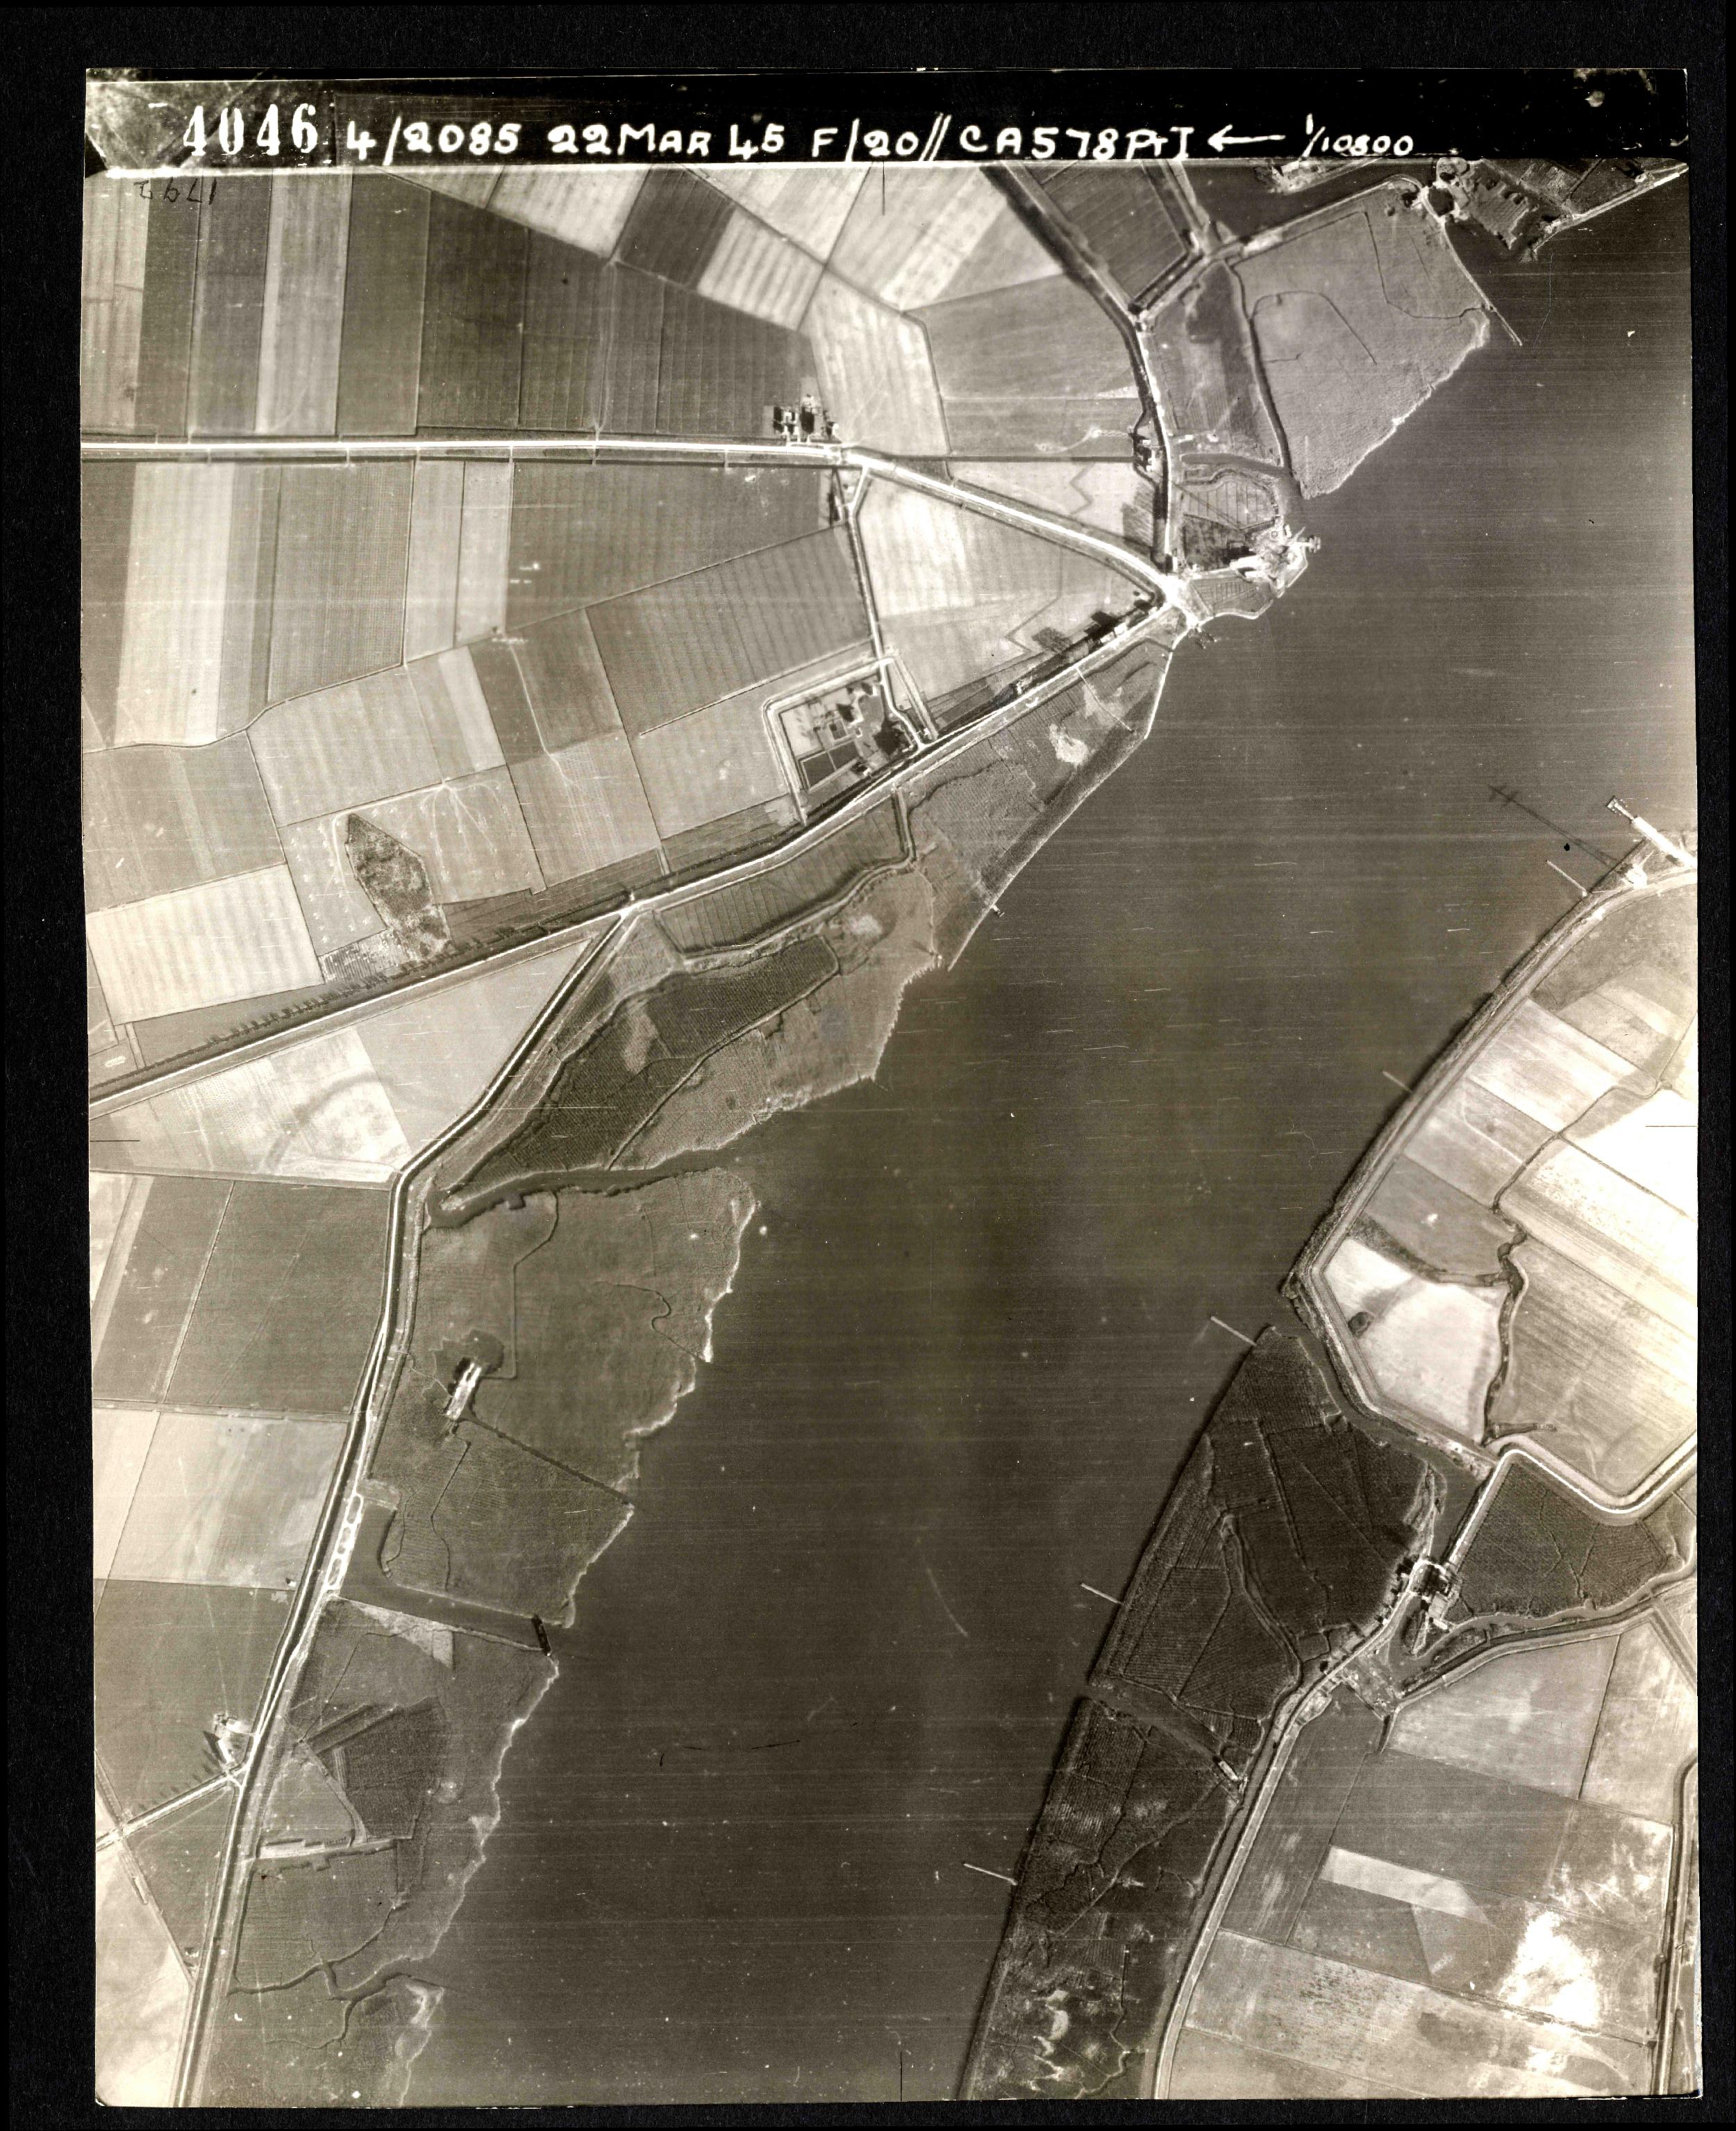 Collection RAF aerial photos 1940-1945 - flight 021, run 01, photo 4046